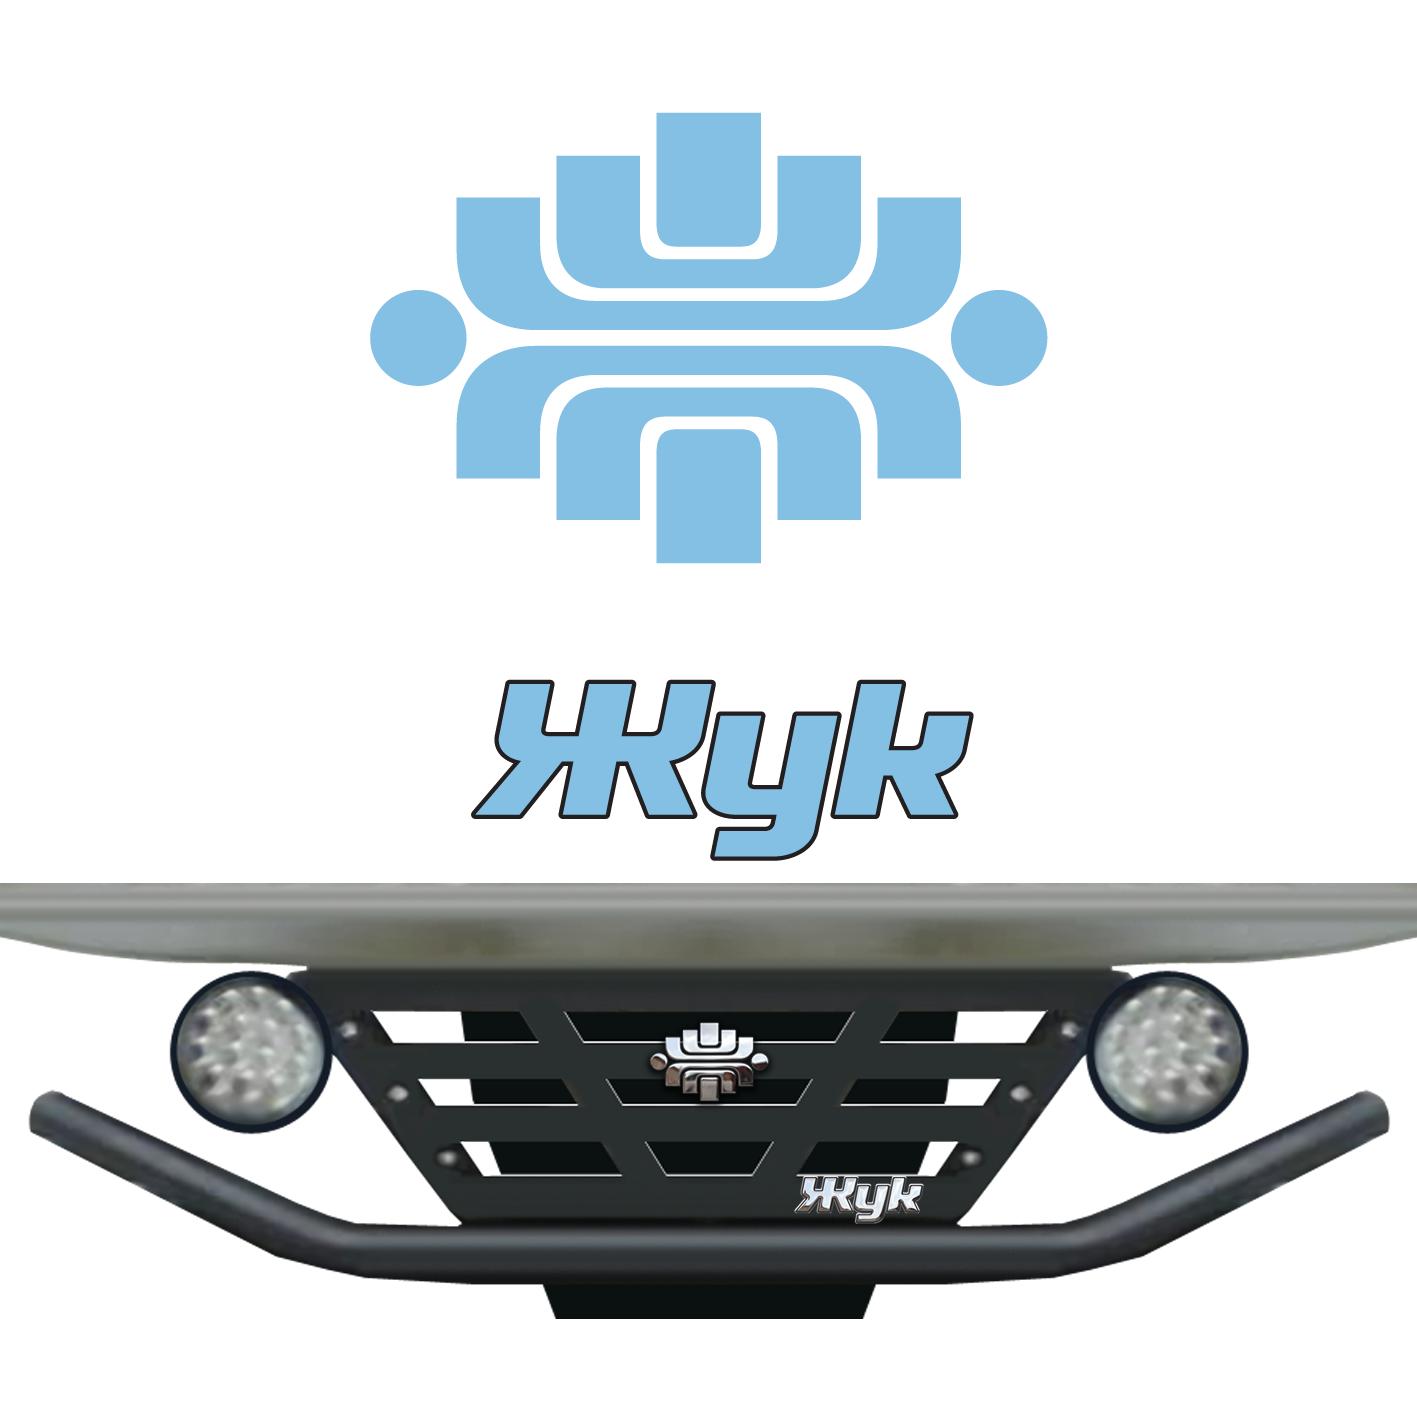 Нужен логотип (эмблема) для самодельного квадроцикла фото f_3185afd514df38da.png